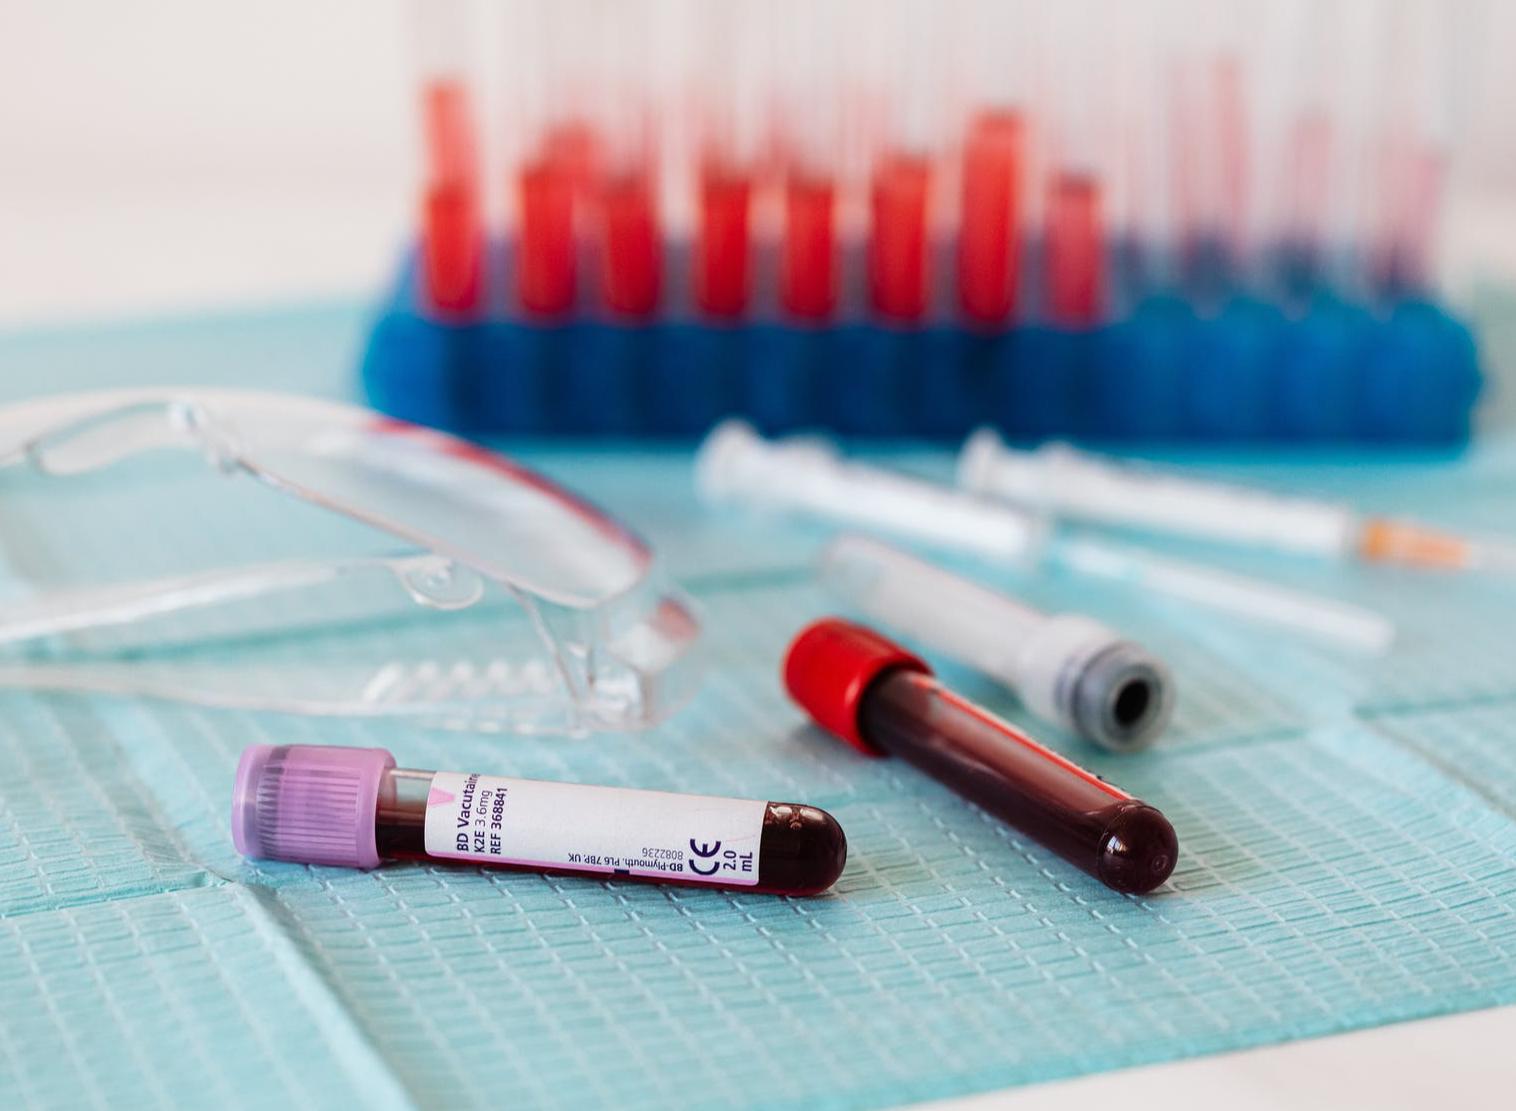 Malattie cardiovascolari: come leggere le analisi del sangue?